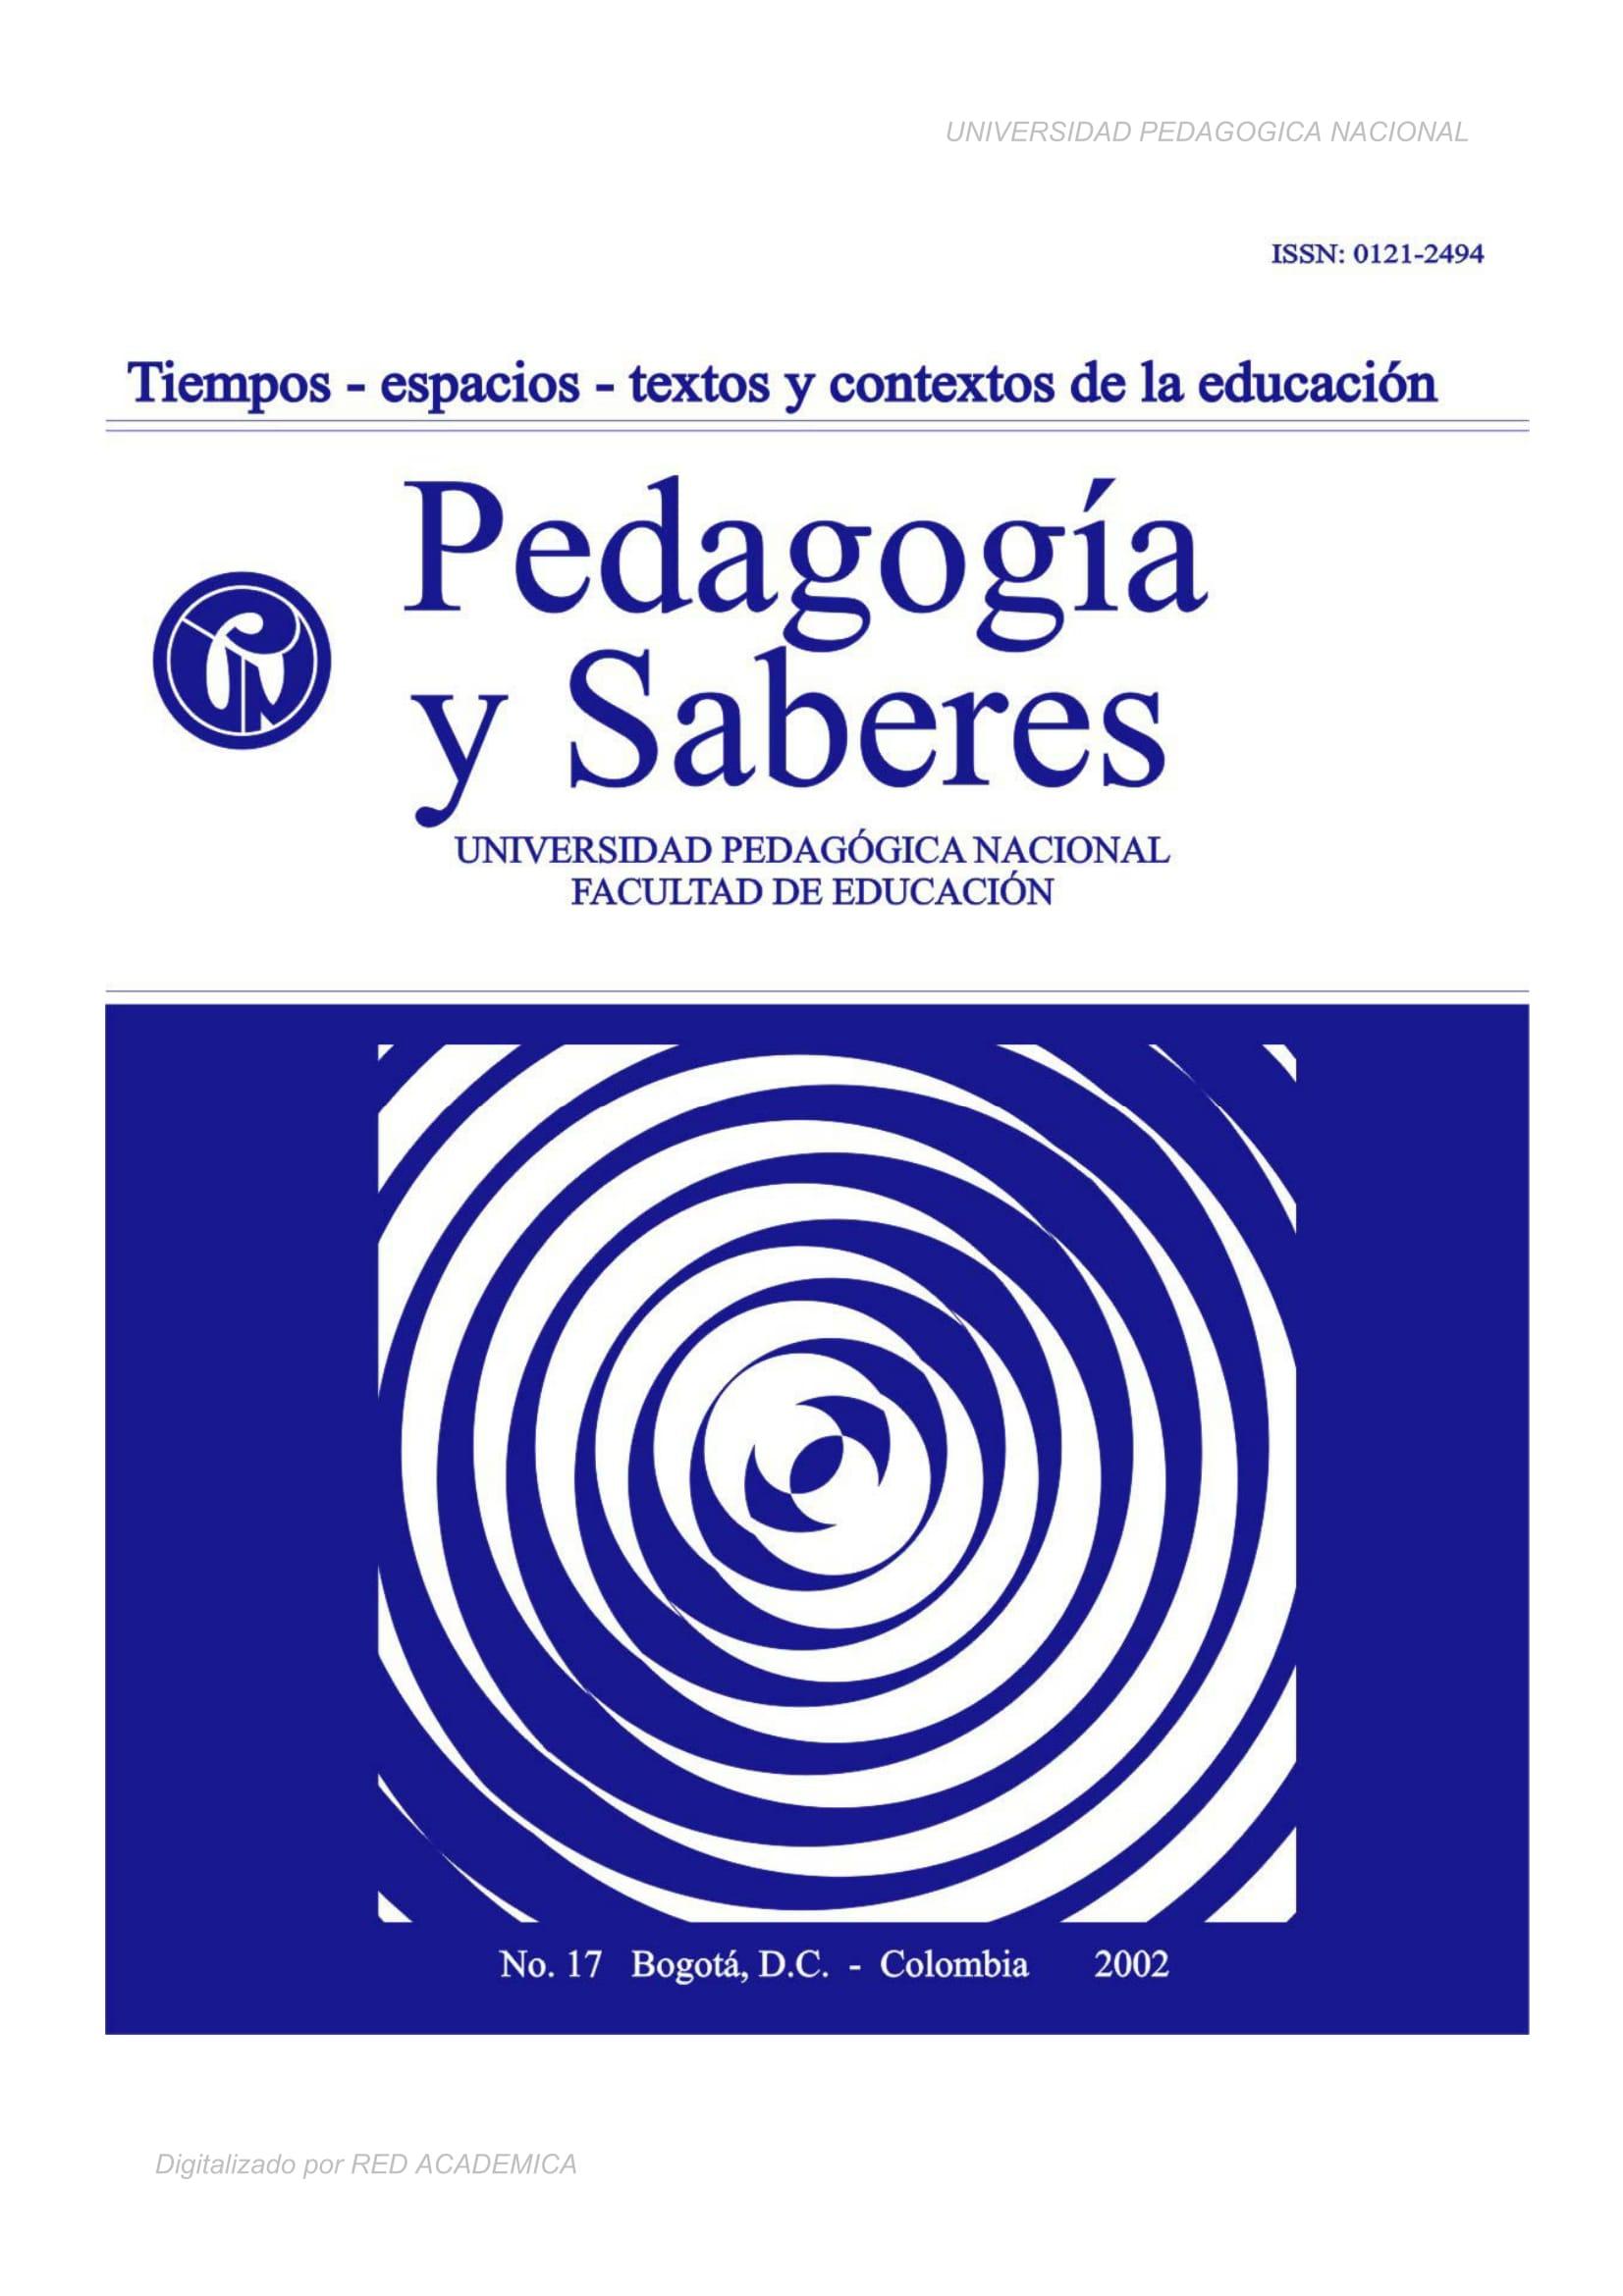 Tiempos, espacios, texto y contextos de la Educación